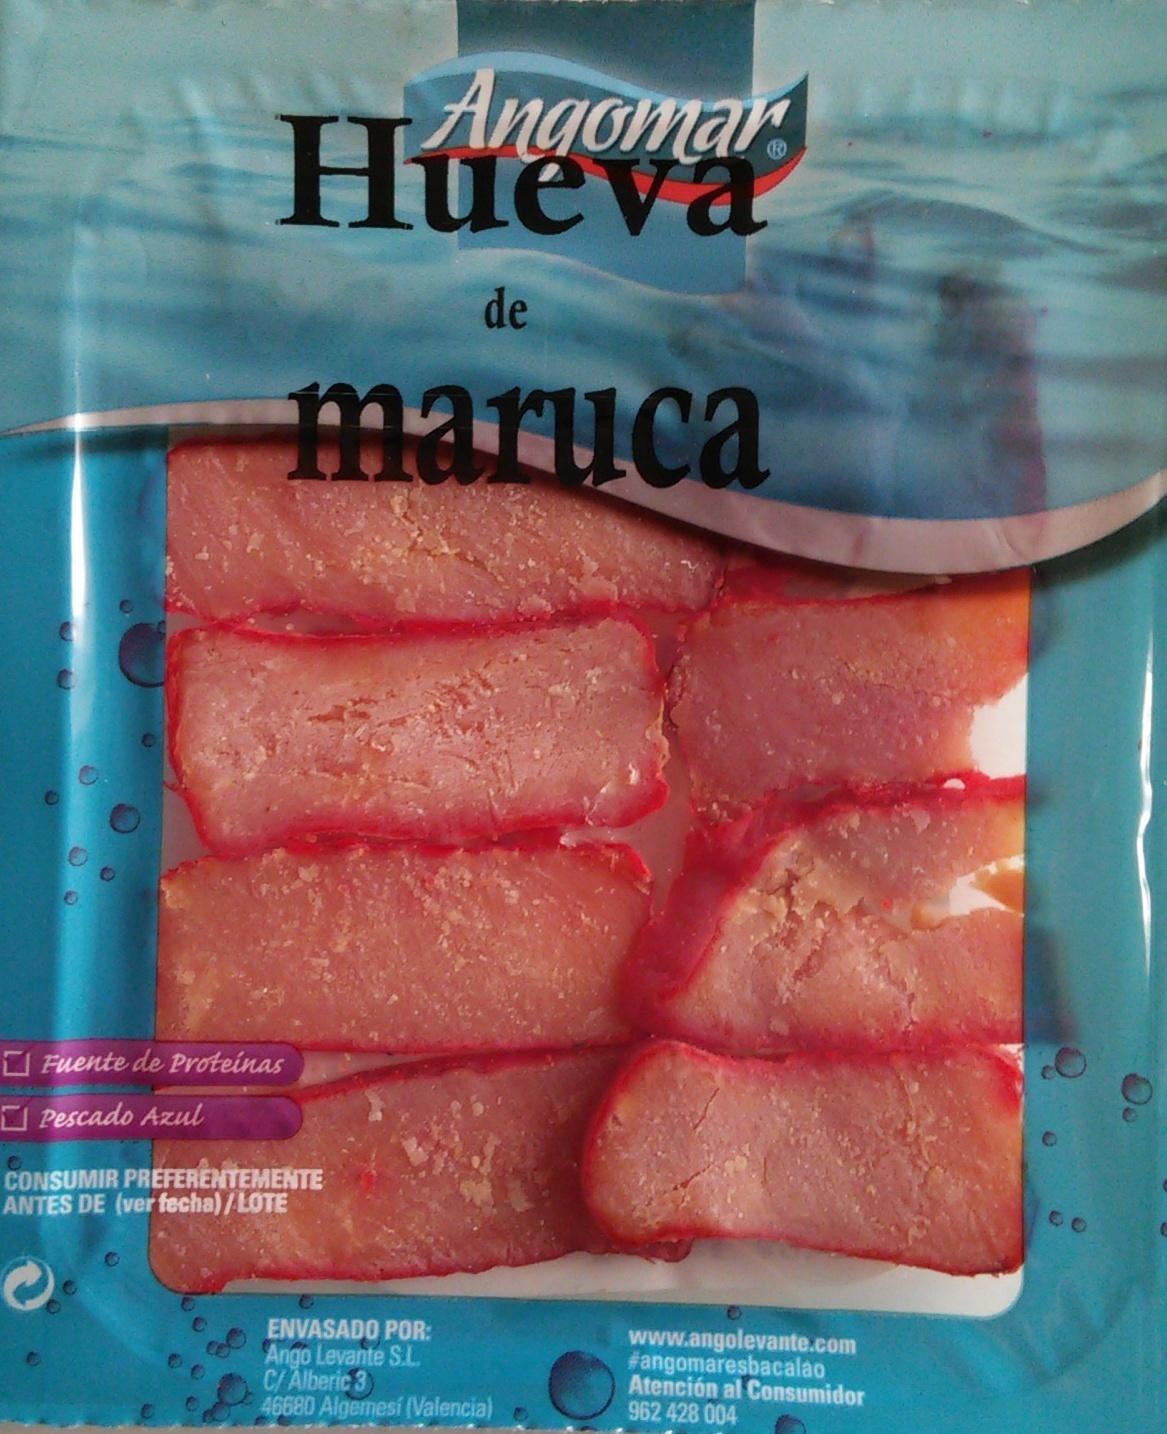 Hueva de maruca - Produit - es